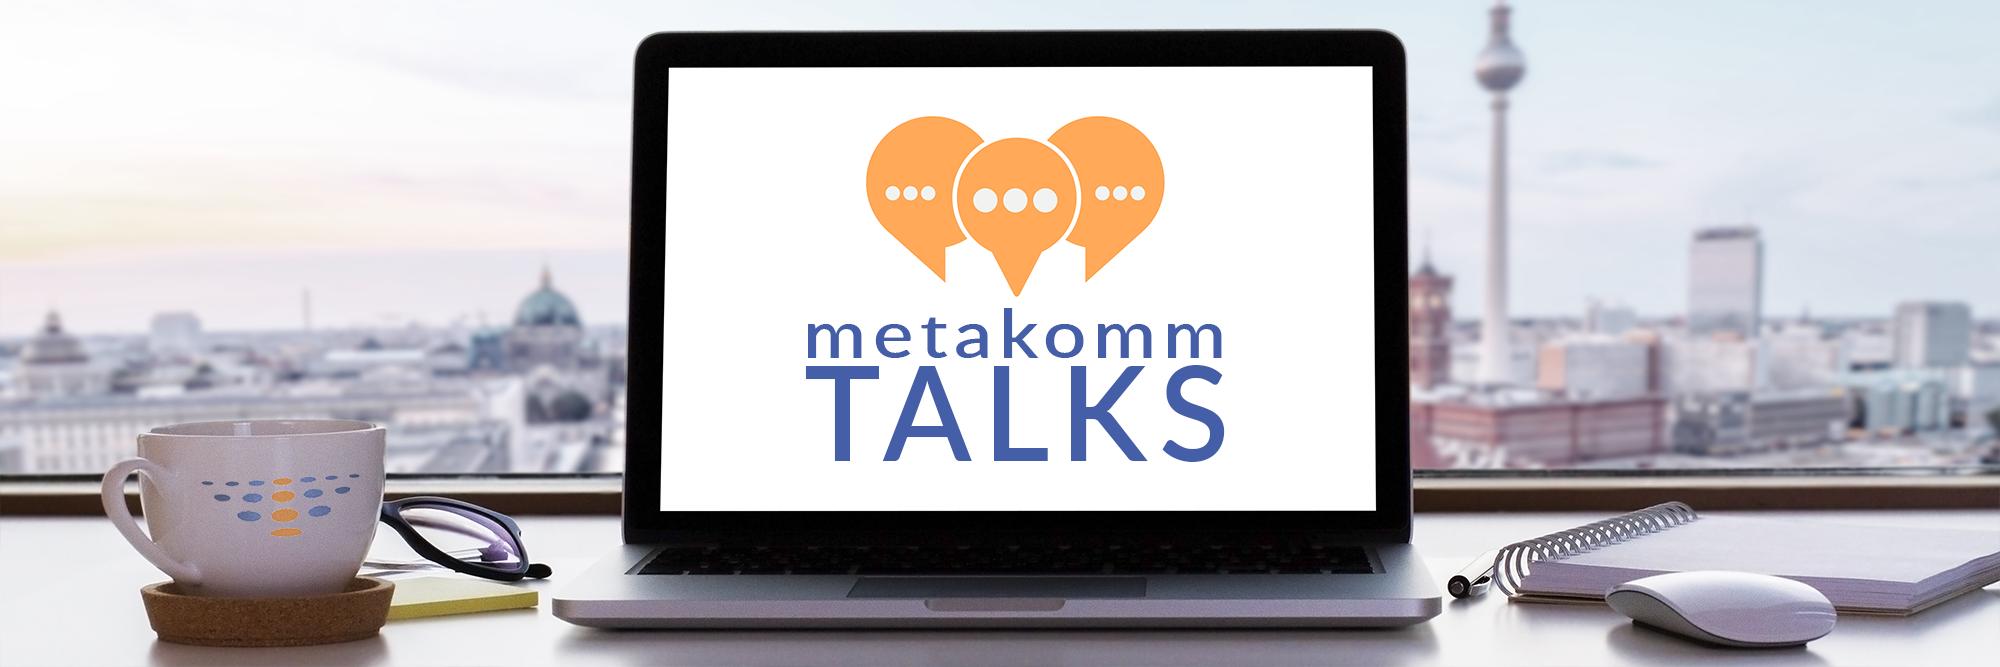 Metakomm Talks, das virtuelle Gesprächsformat von Metakomm